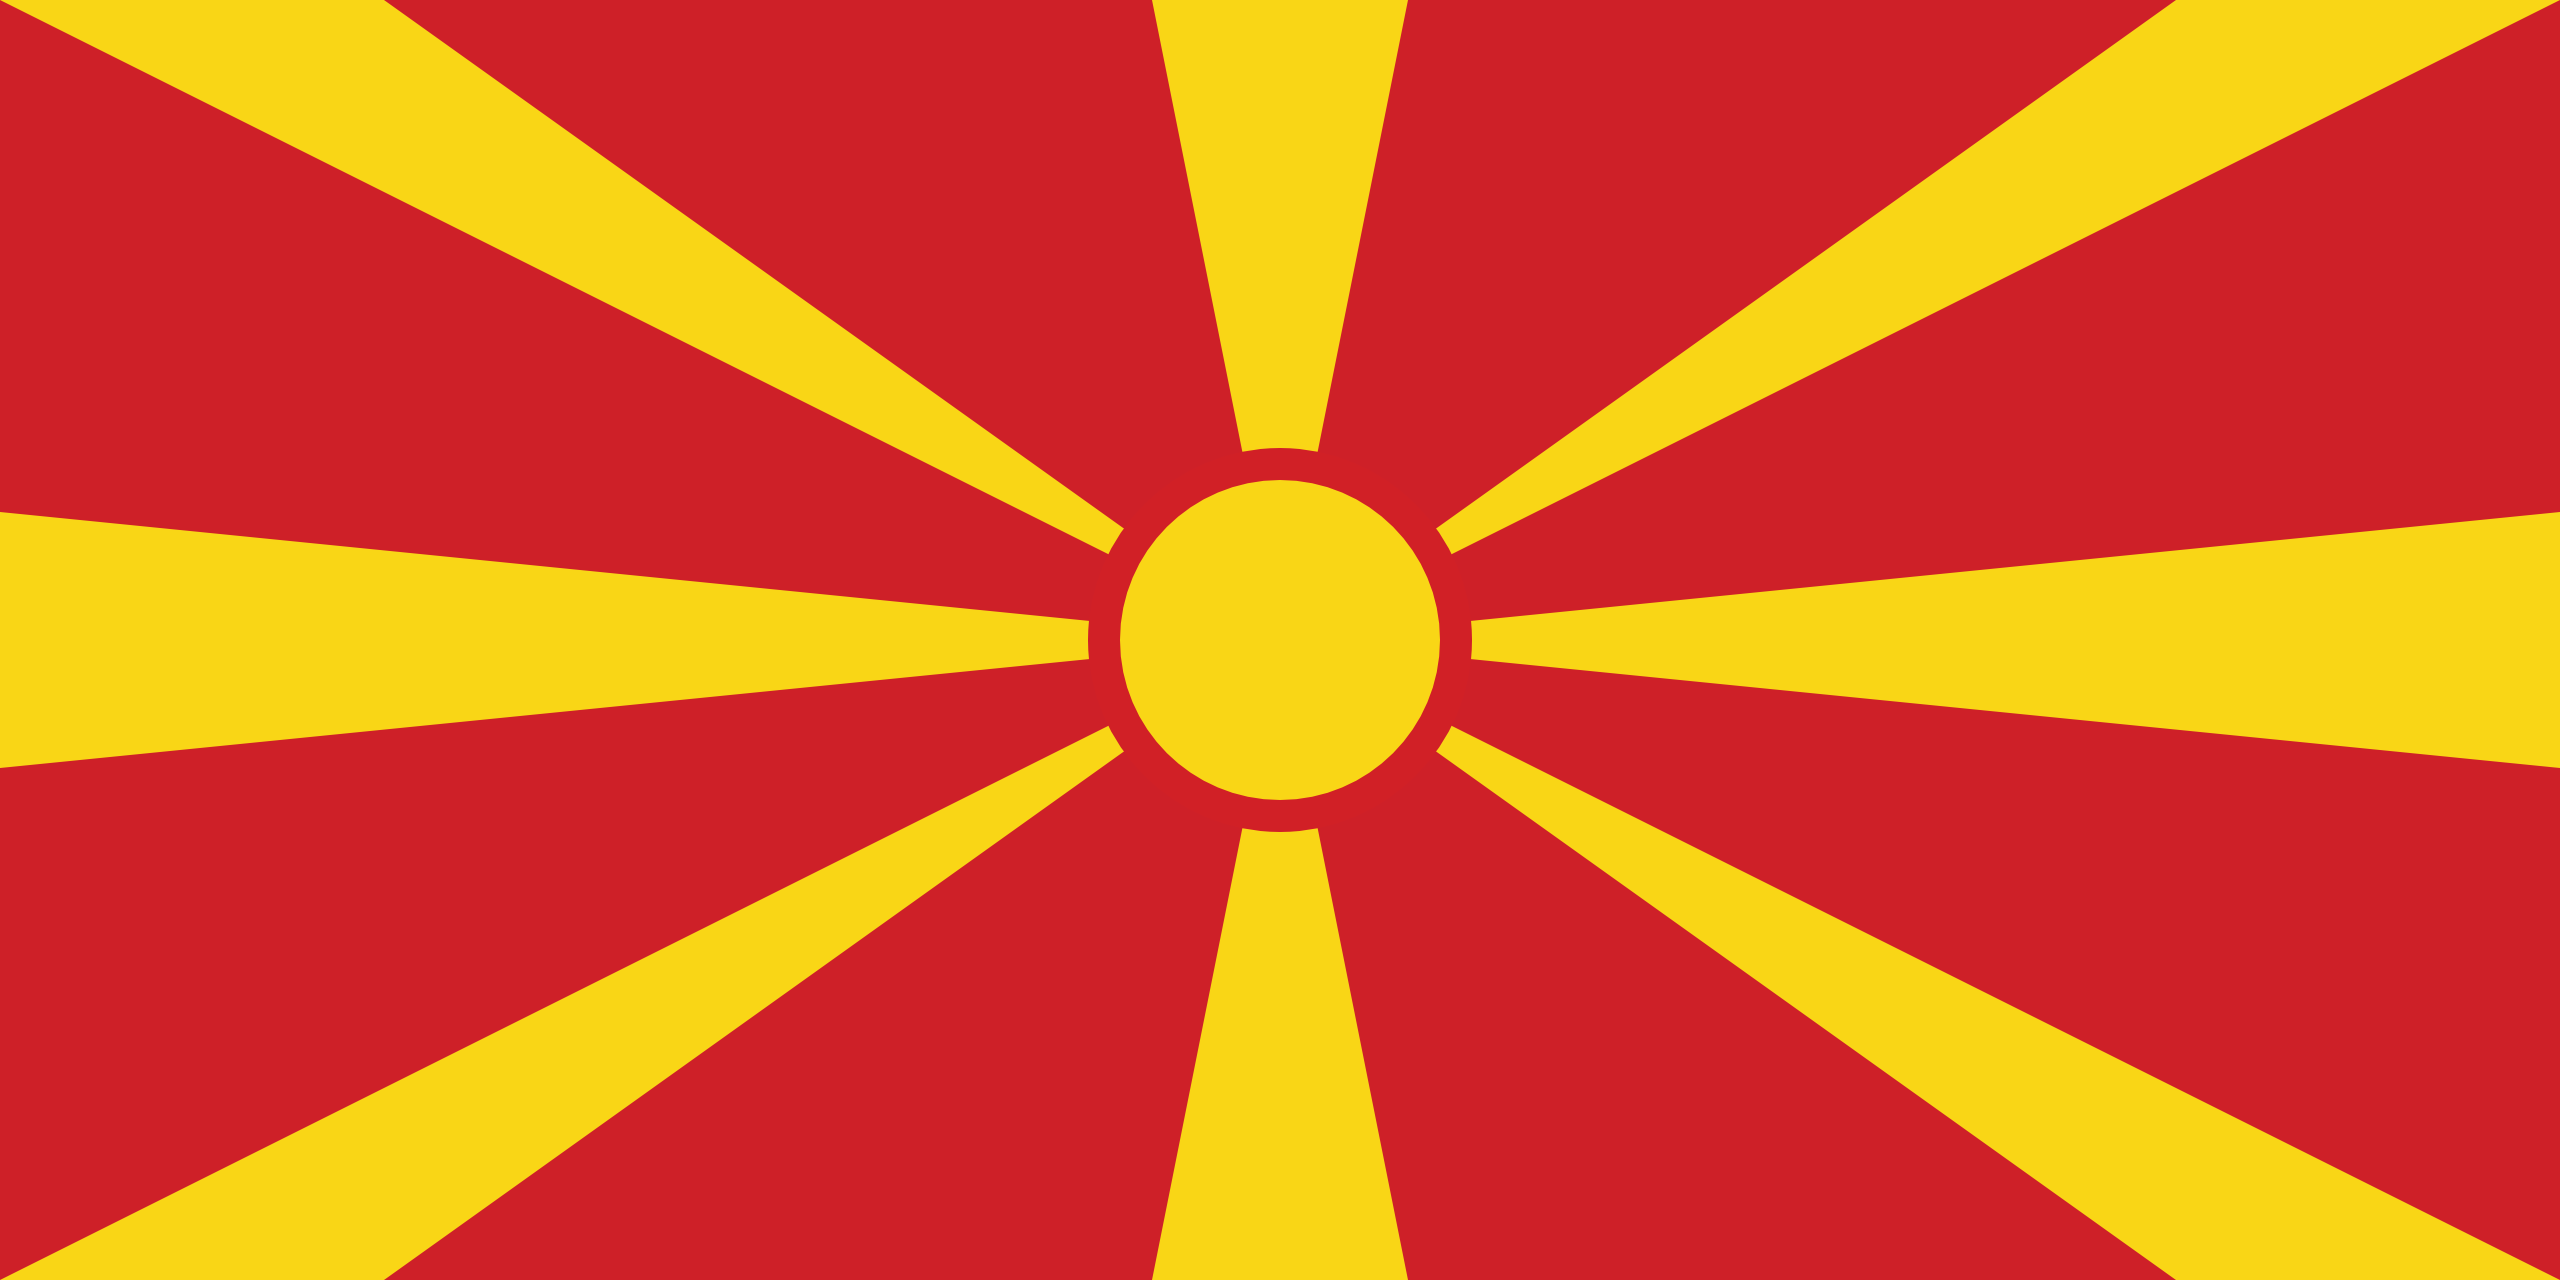 macedonia, χώρα, έμβλημα, λογότυπο, σύμβολο - Wallpapers HD - Professor-falken.com